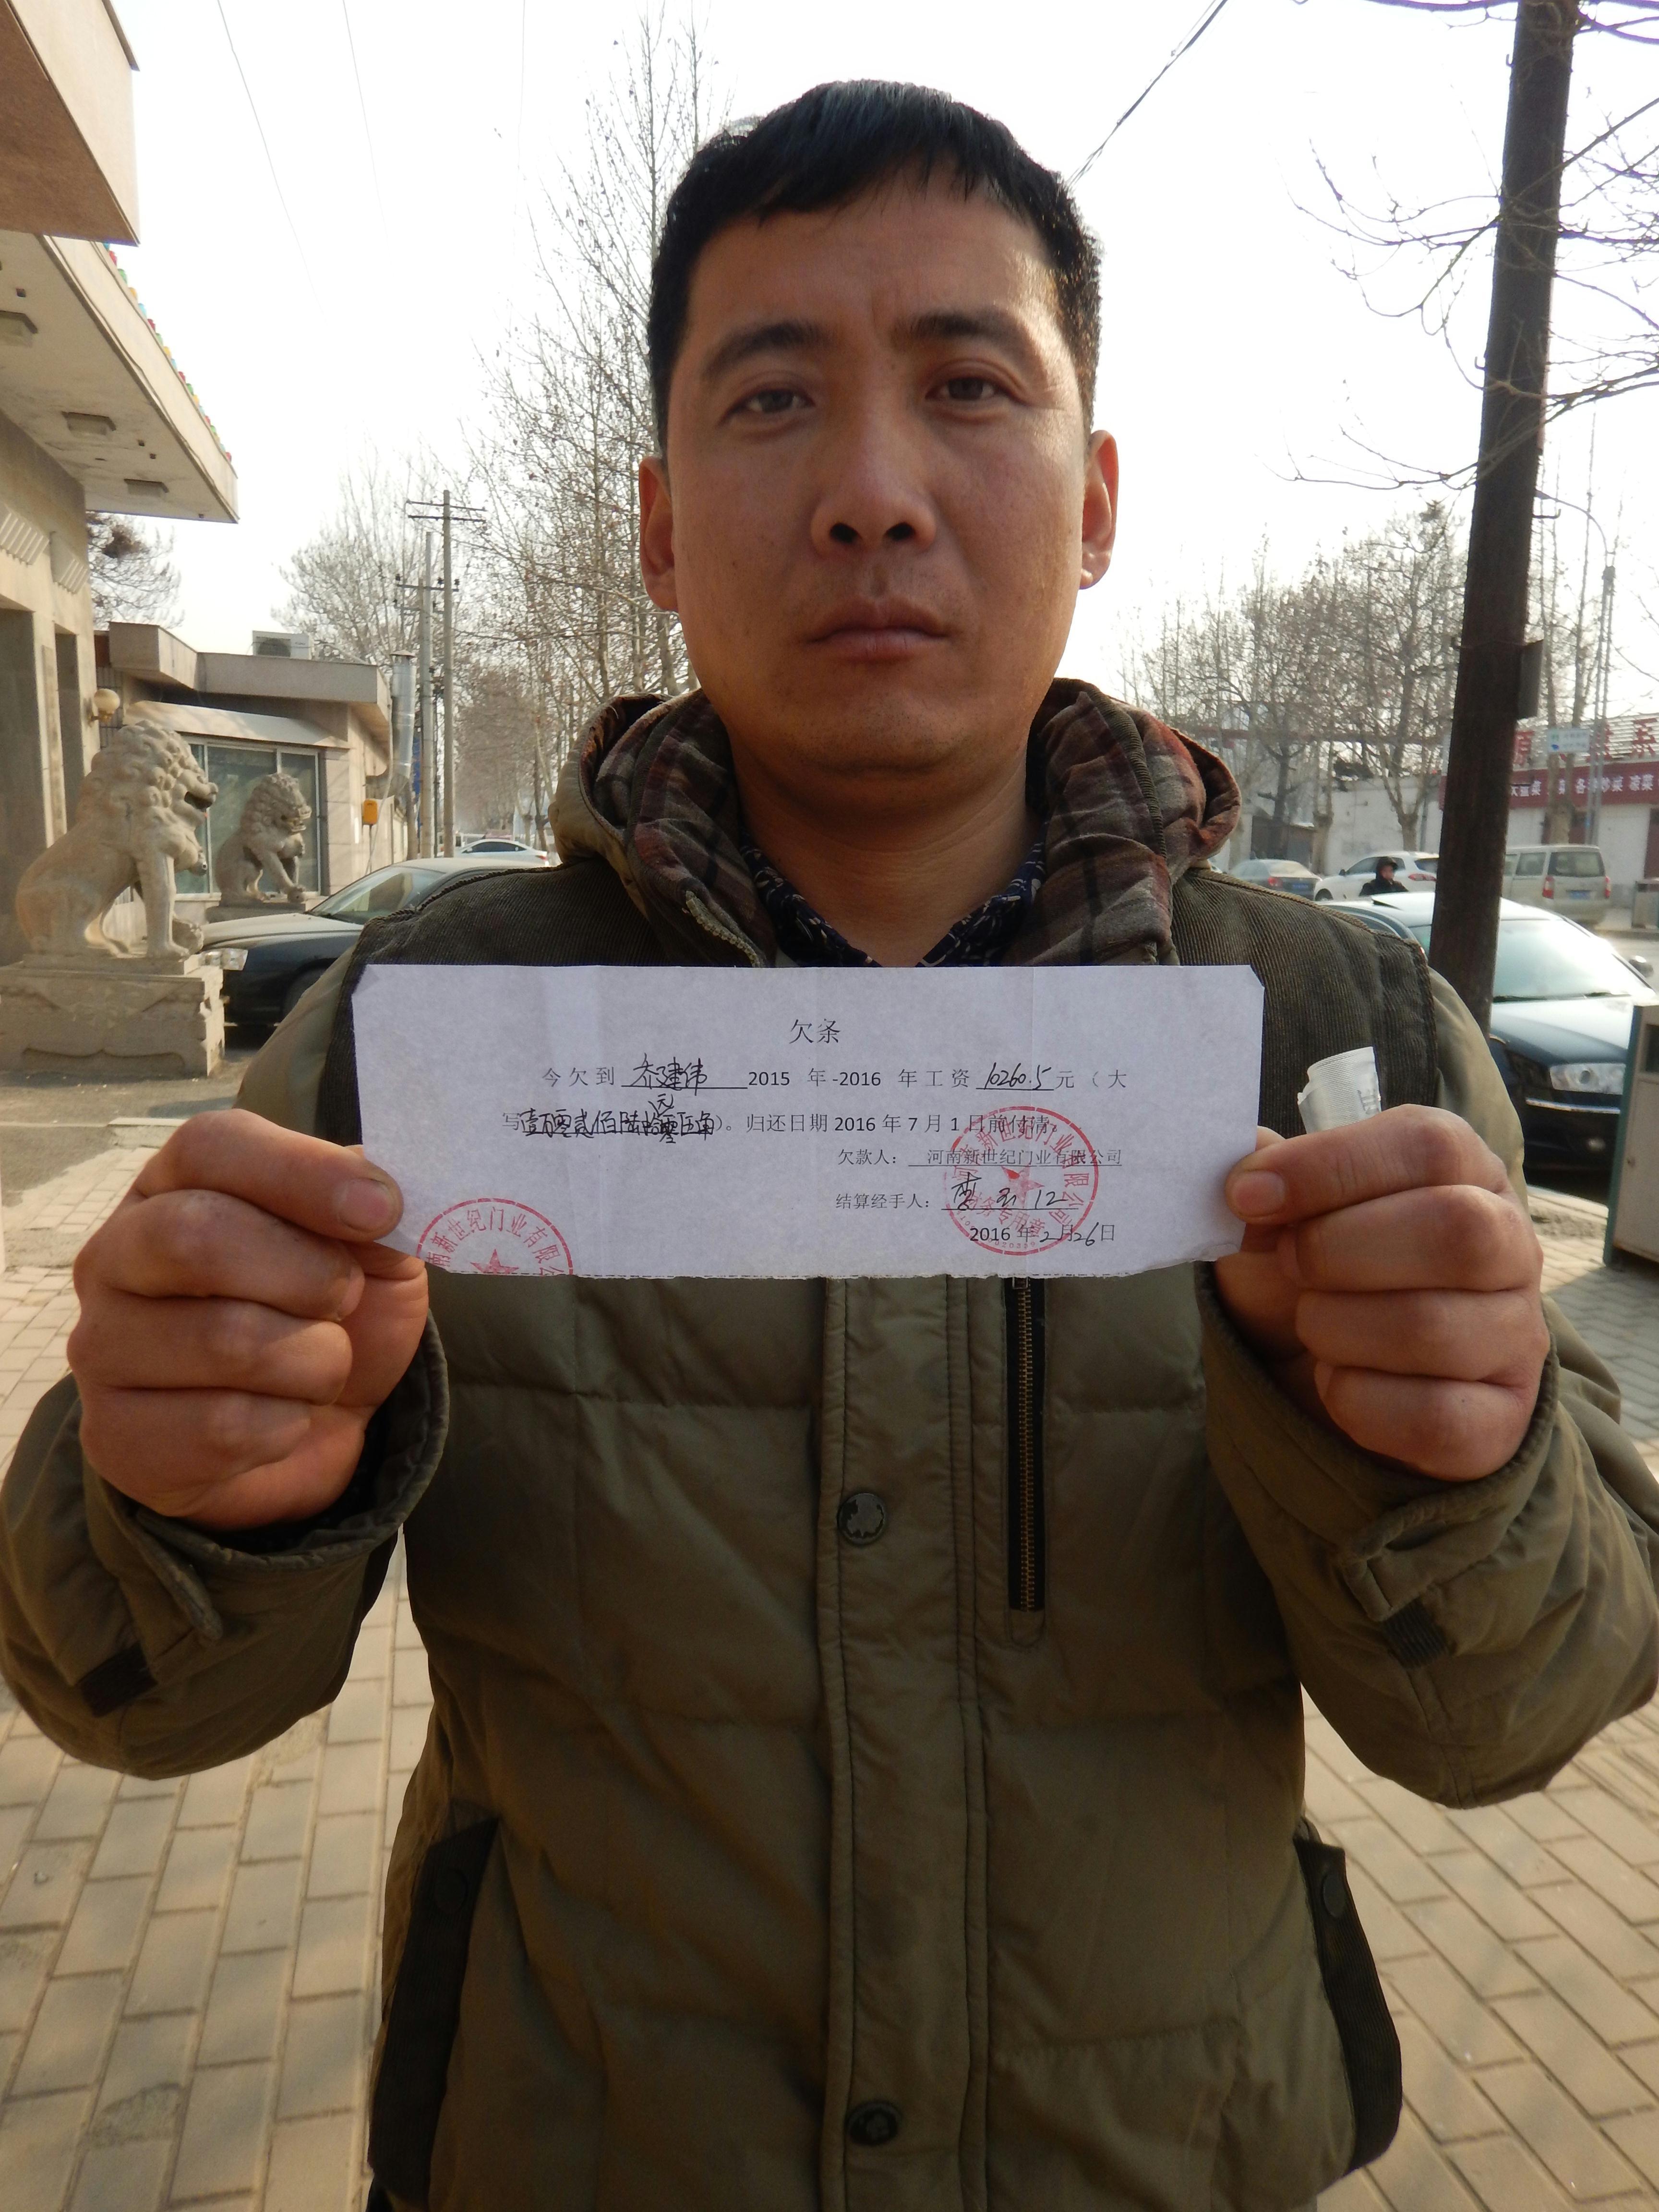 河南清丰县农民工乔建伟向记者展示河南新世纪门业有限公司开具的欠条。新华社记者 马意翀 摄